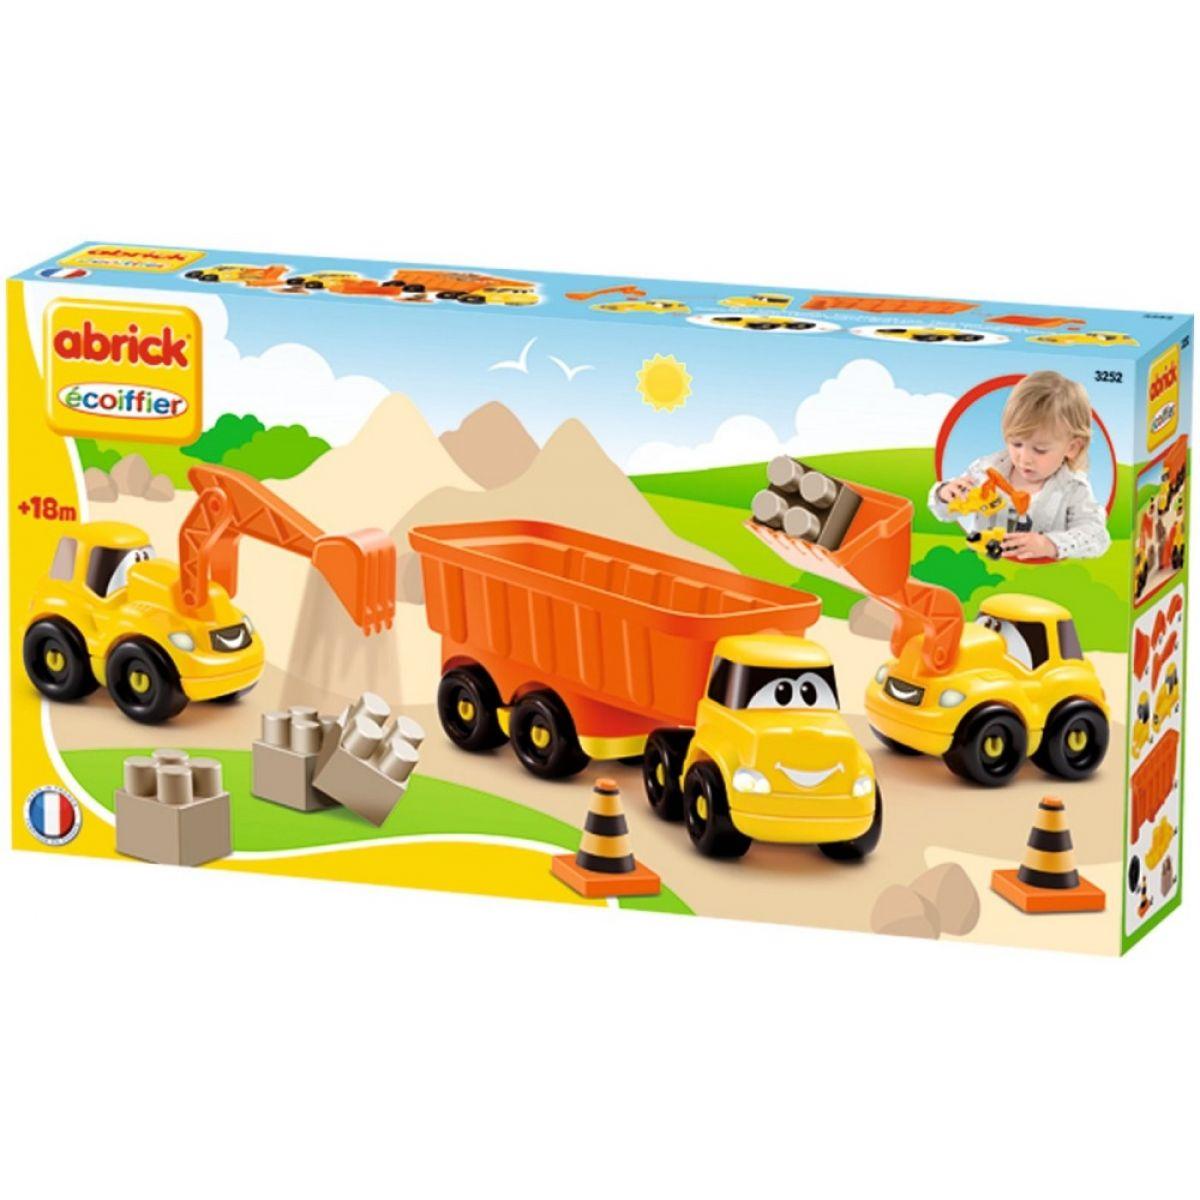 Ecoiffier stavebné autíčka Abrick 3252 oranžové